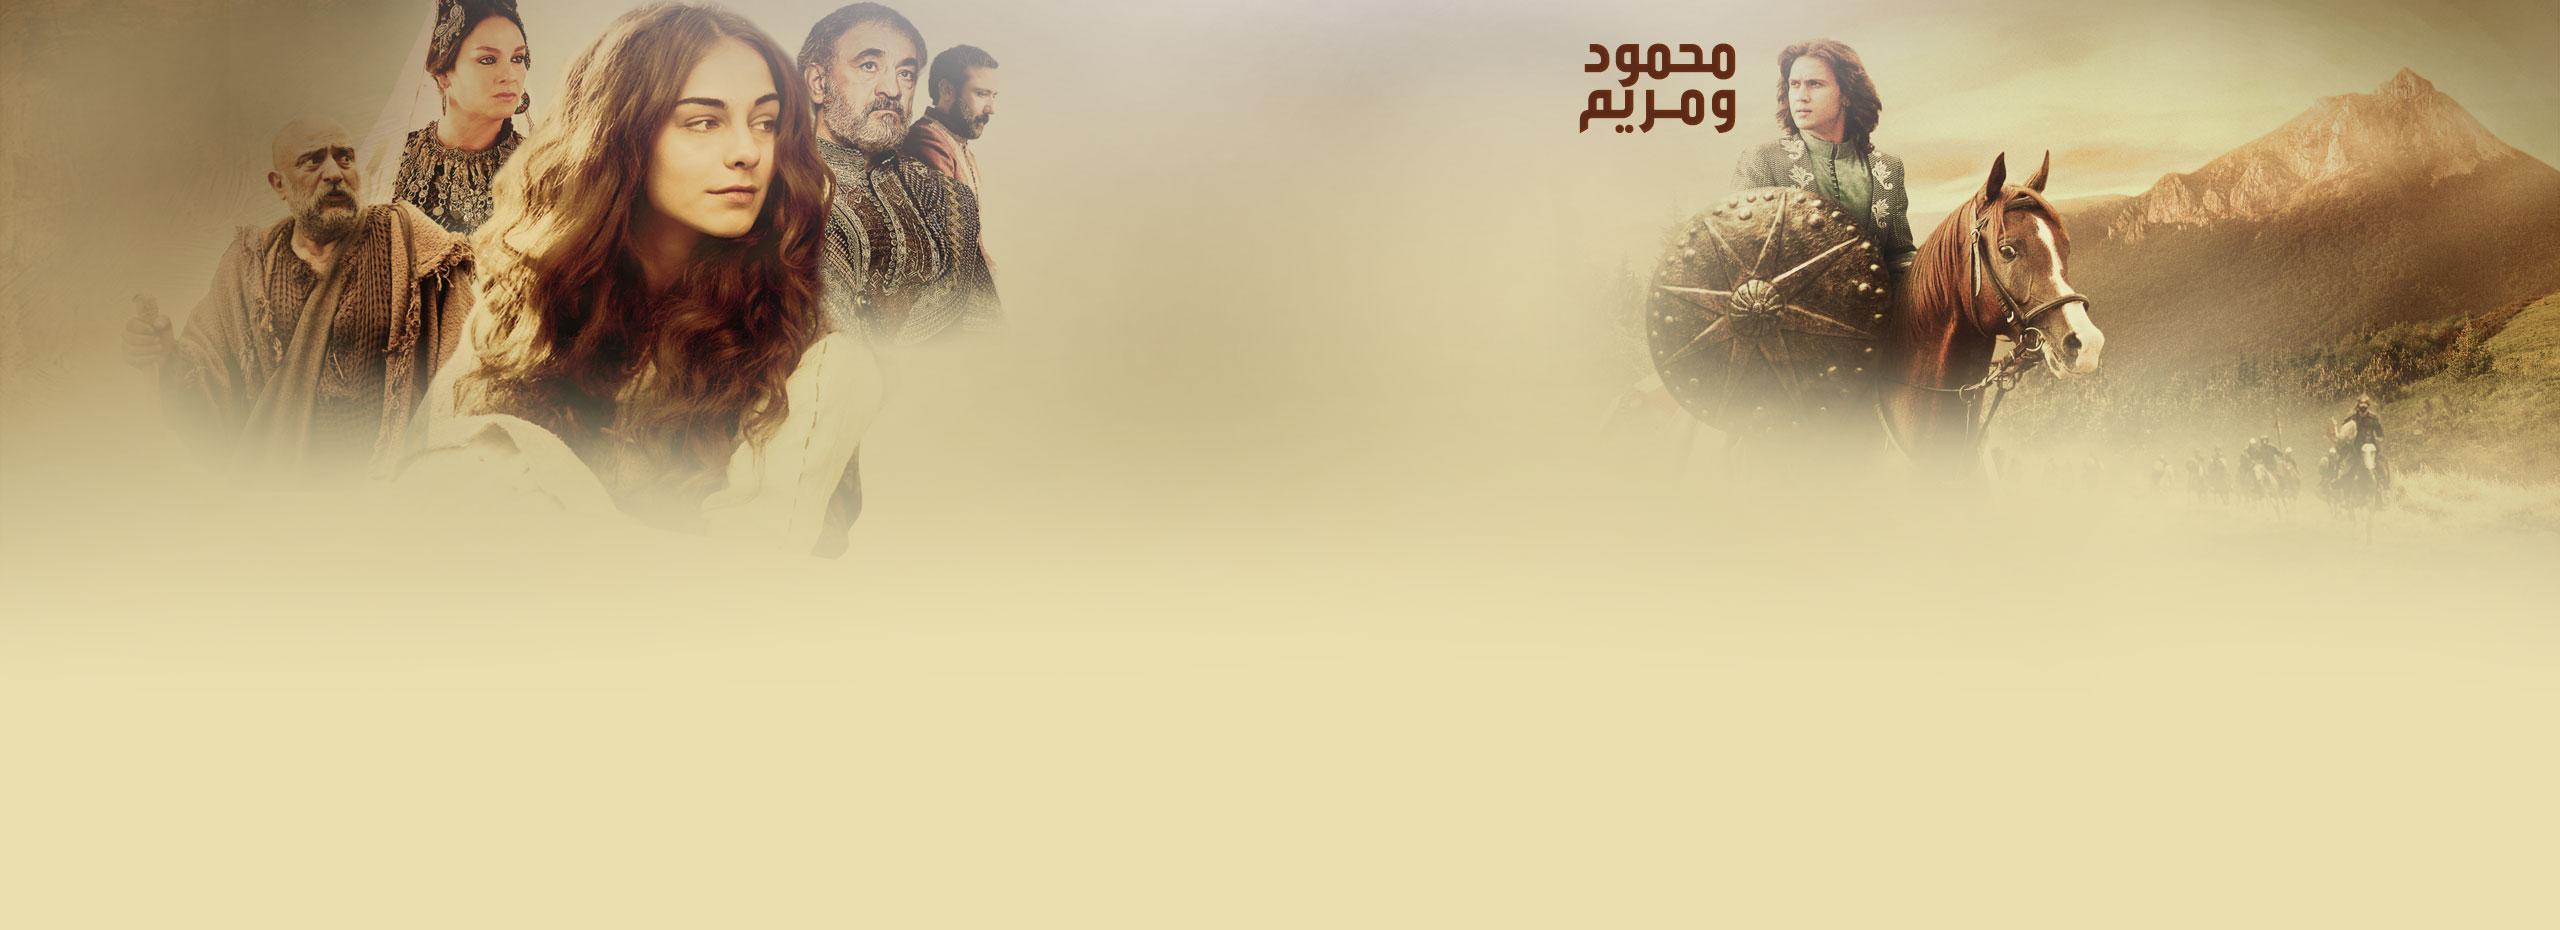 قصة وأحداث مسلسل محمود ومريم 2016 على قناة mbc دراما